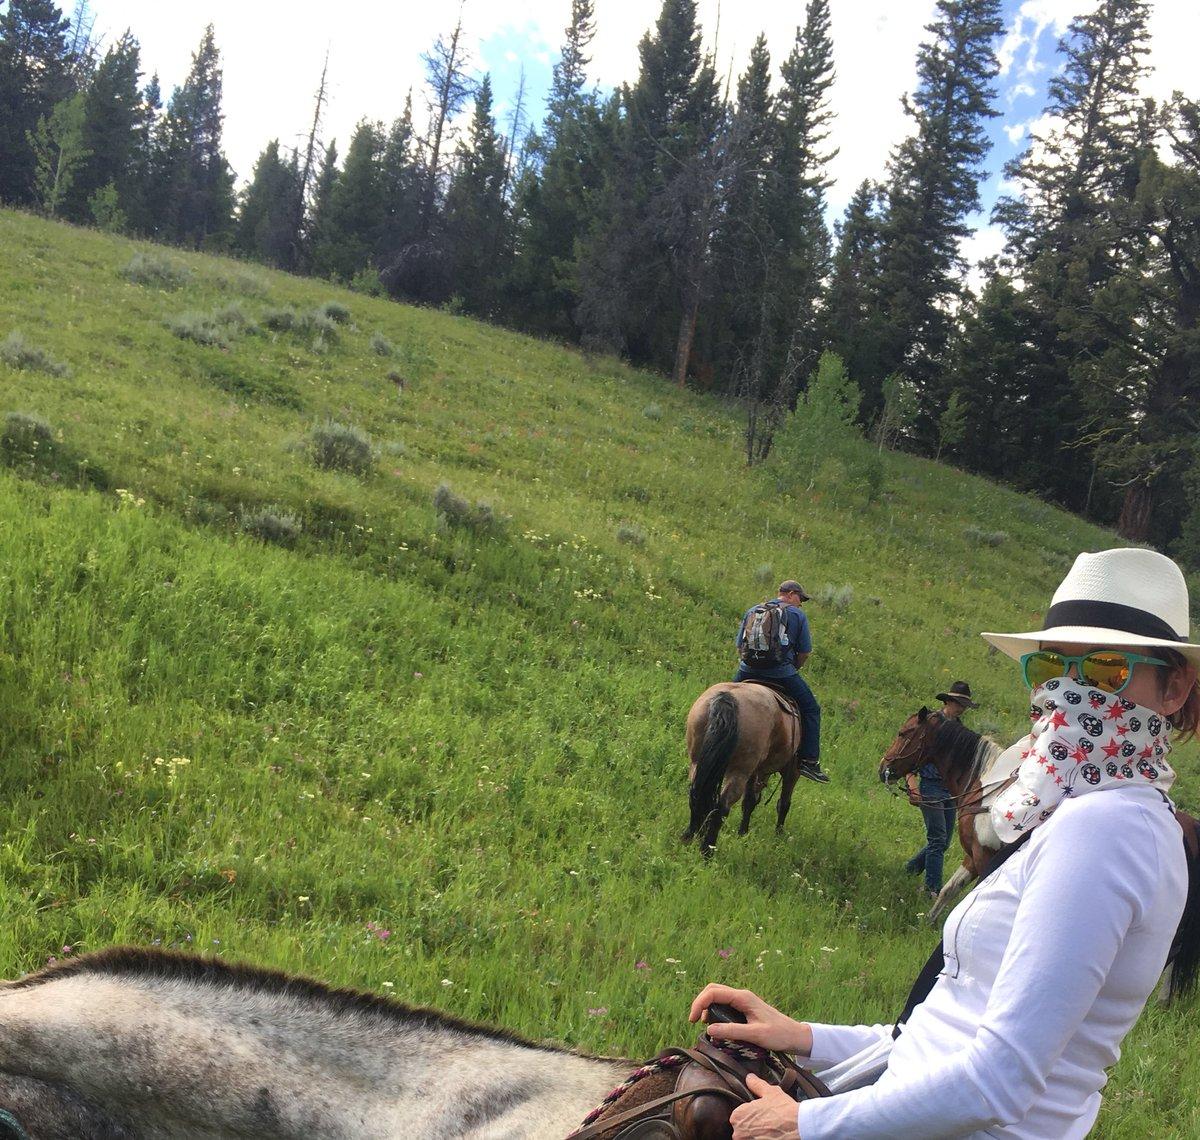 Outdoor ass hole riding